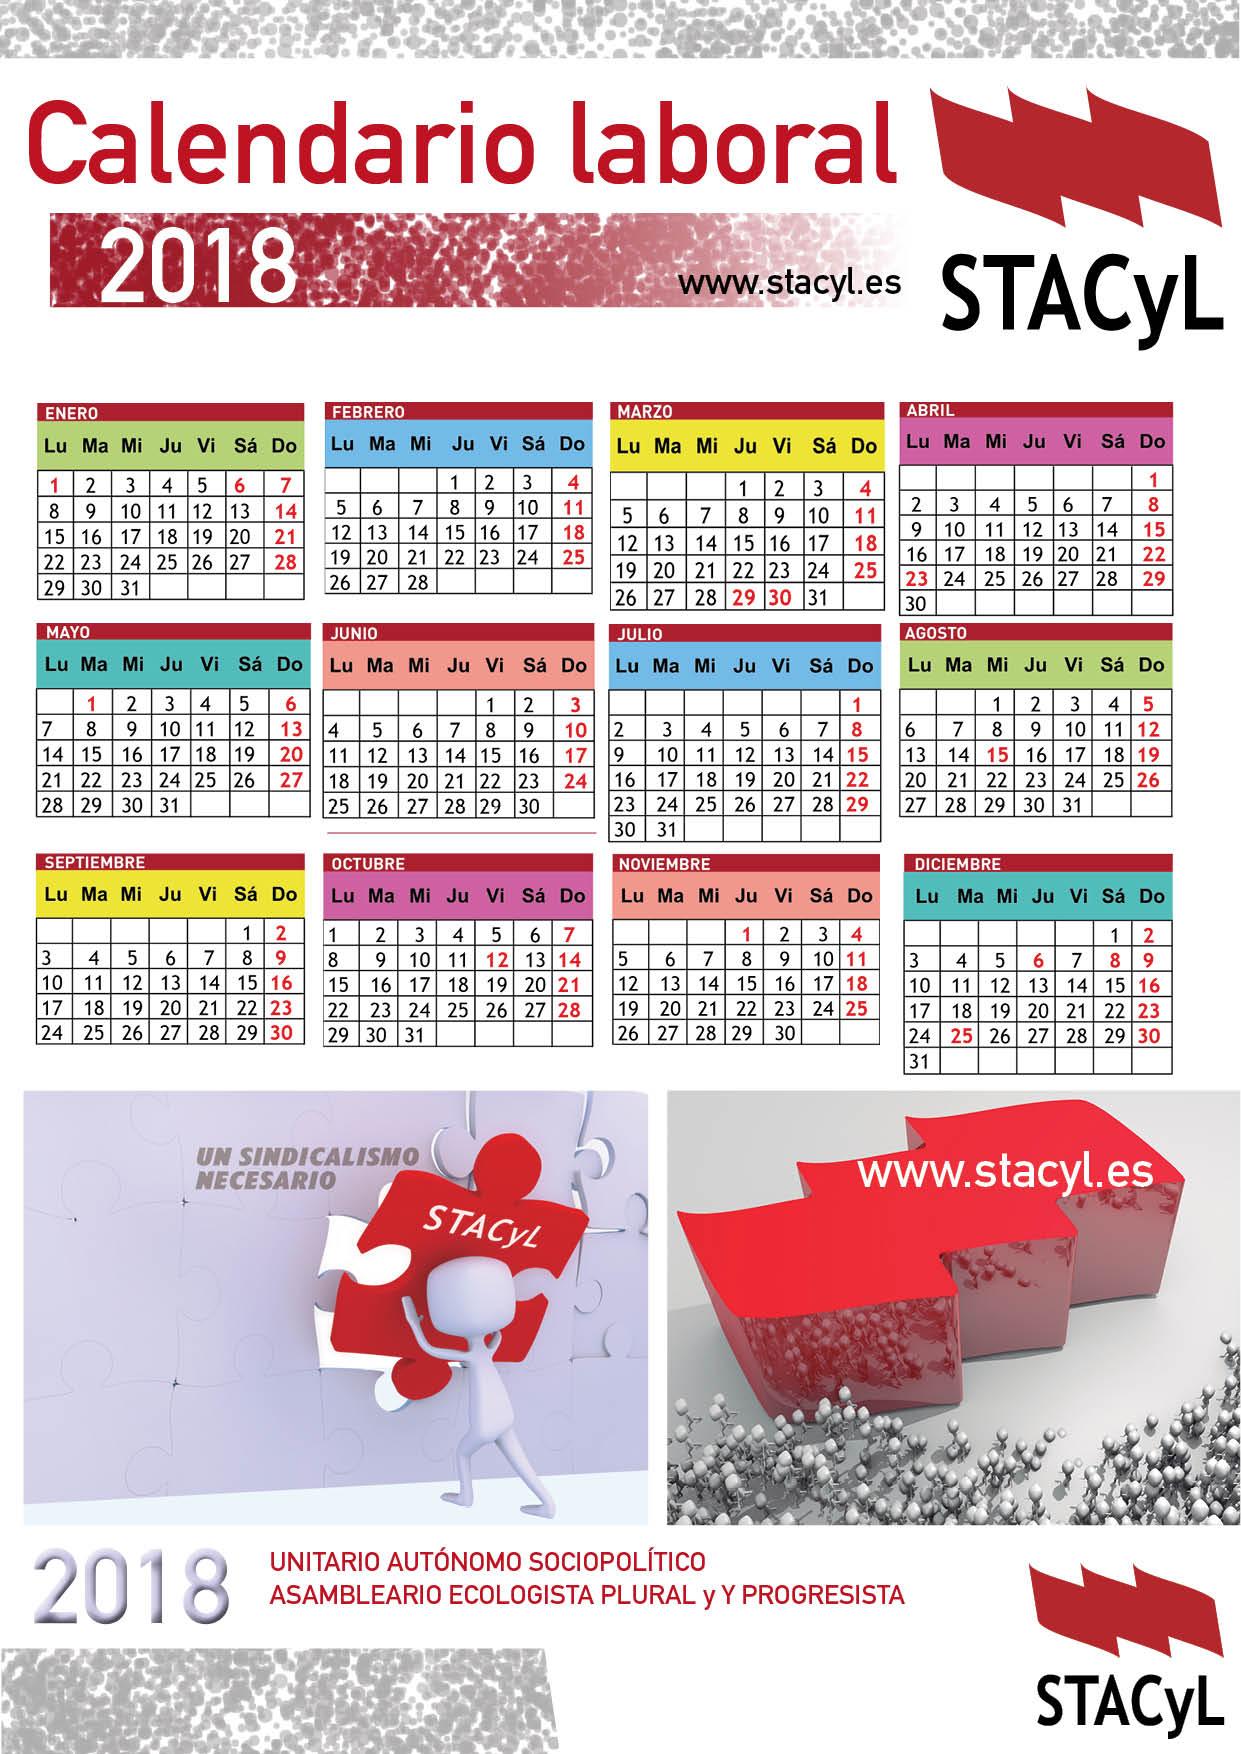 Calendario2018_STACyL